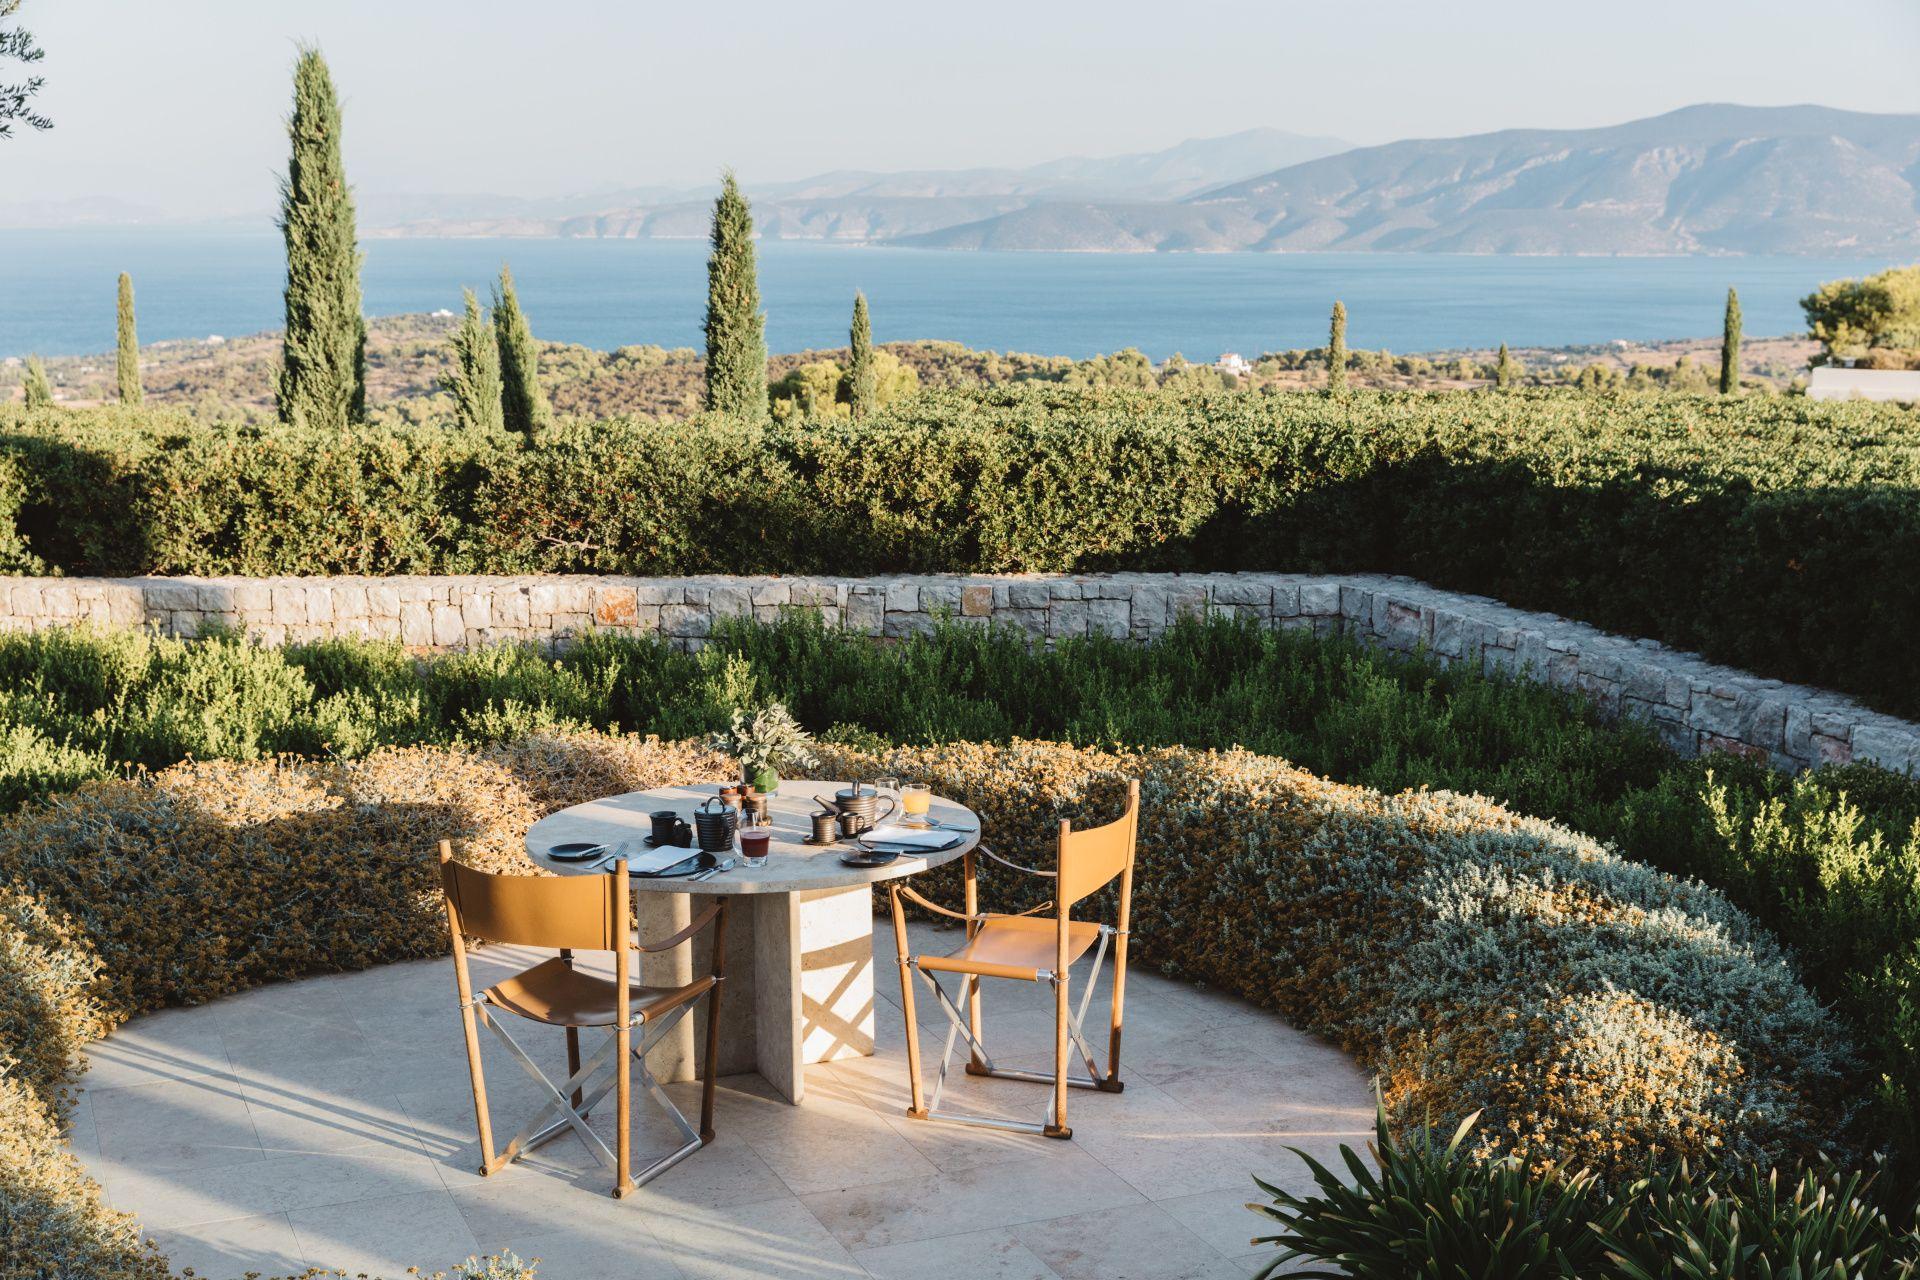 安縵卓熠別墅四周為佔地 93 公頃的芳香園圃,種有柑橘、石榴、角豆樹和橄欖樹。